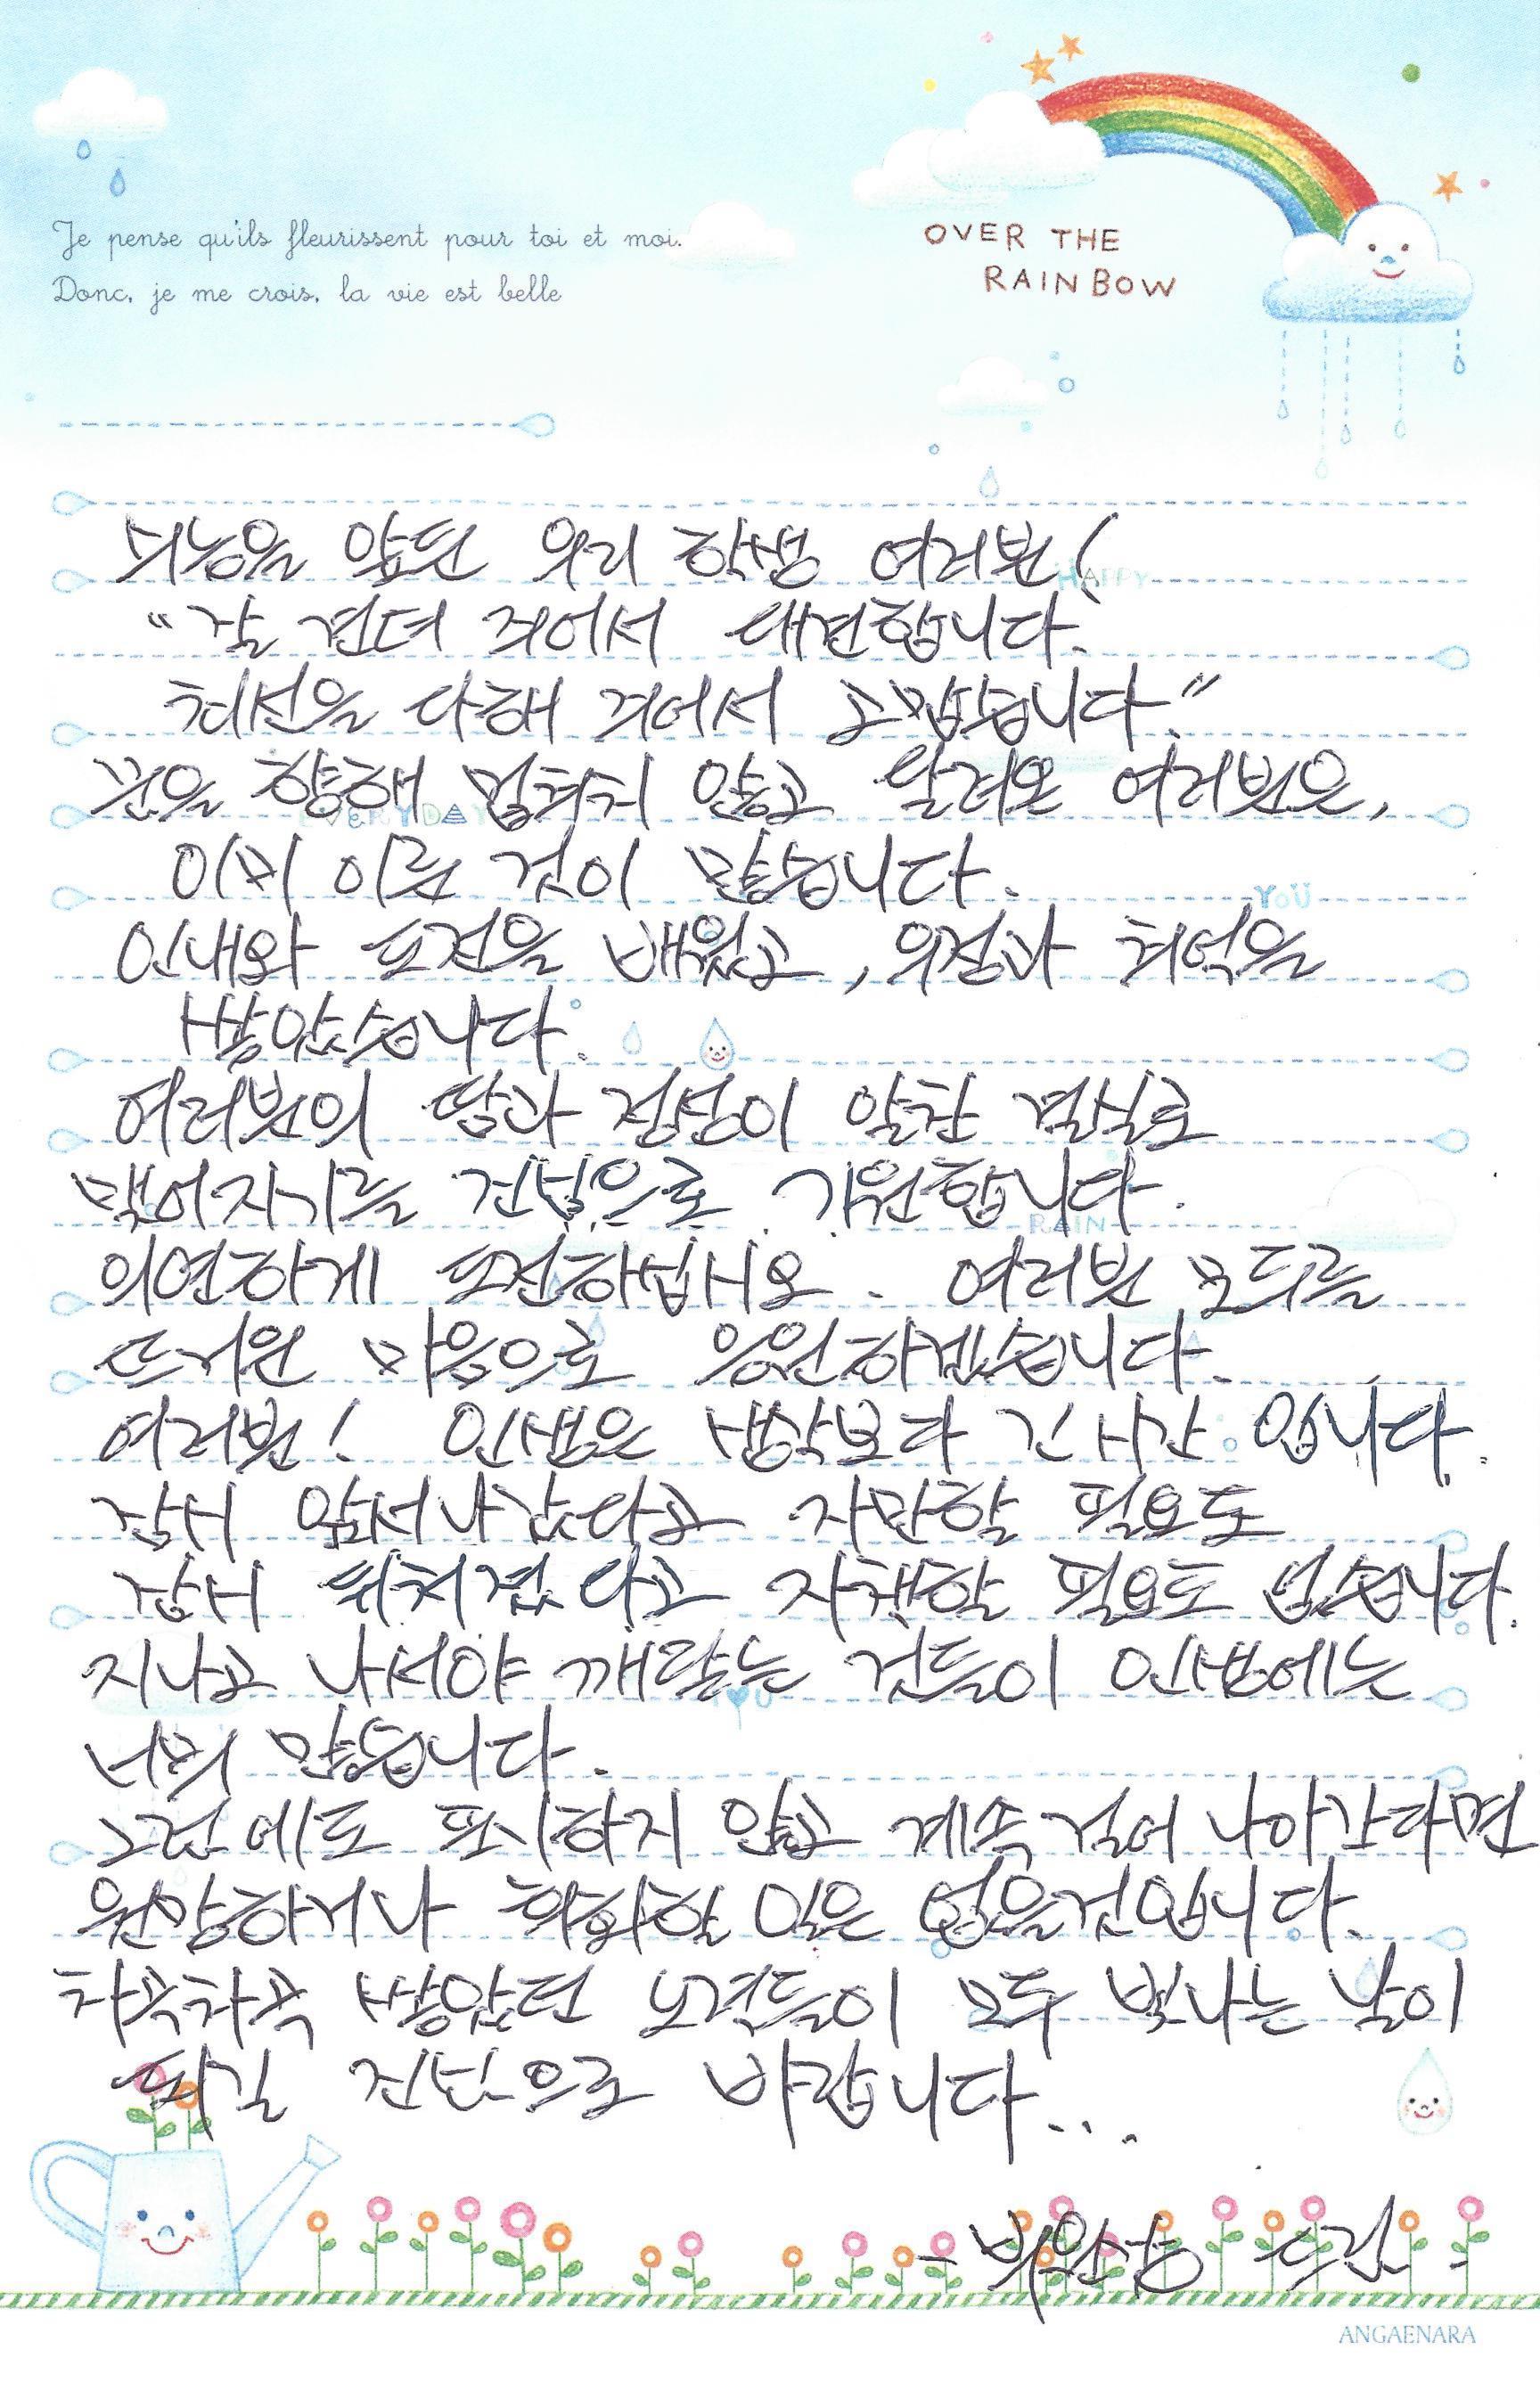 에듀셀파 독학기숙학원 교직원편지8